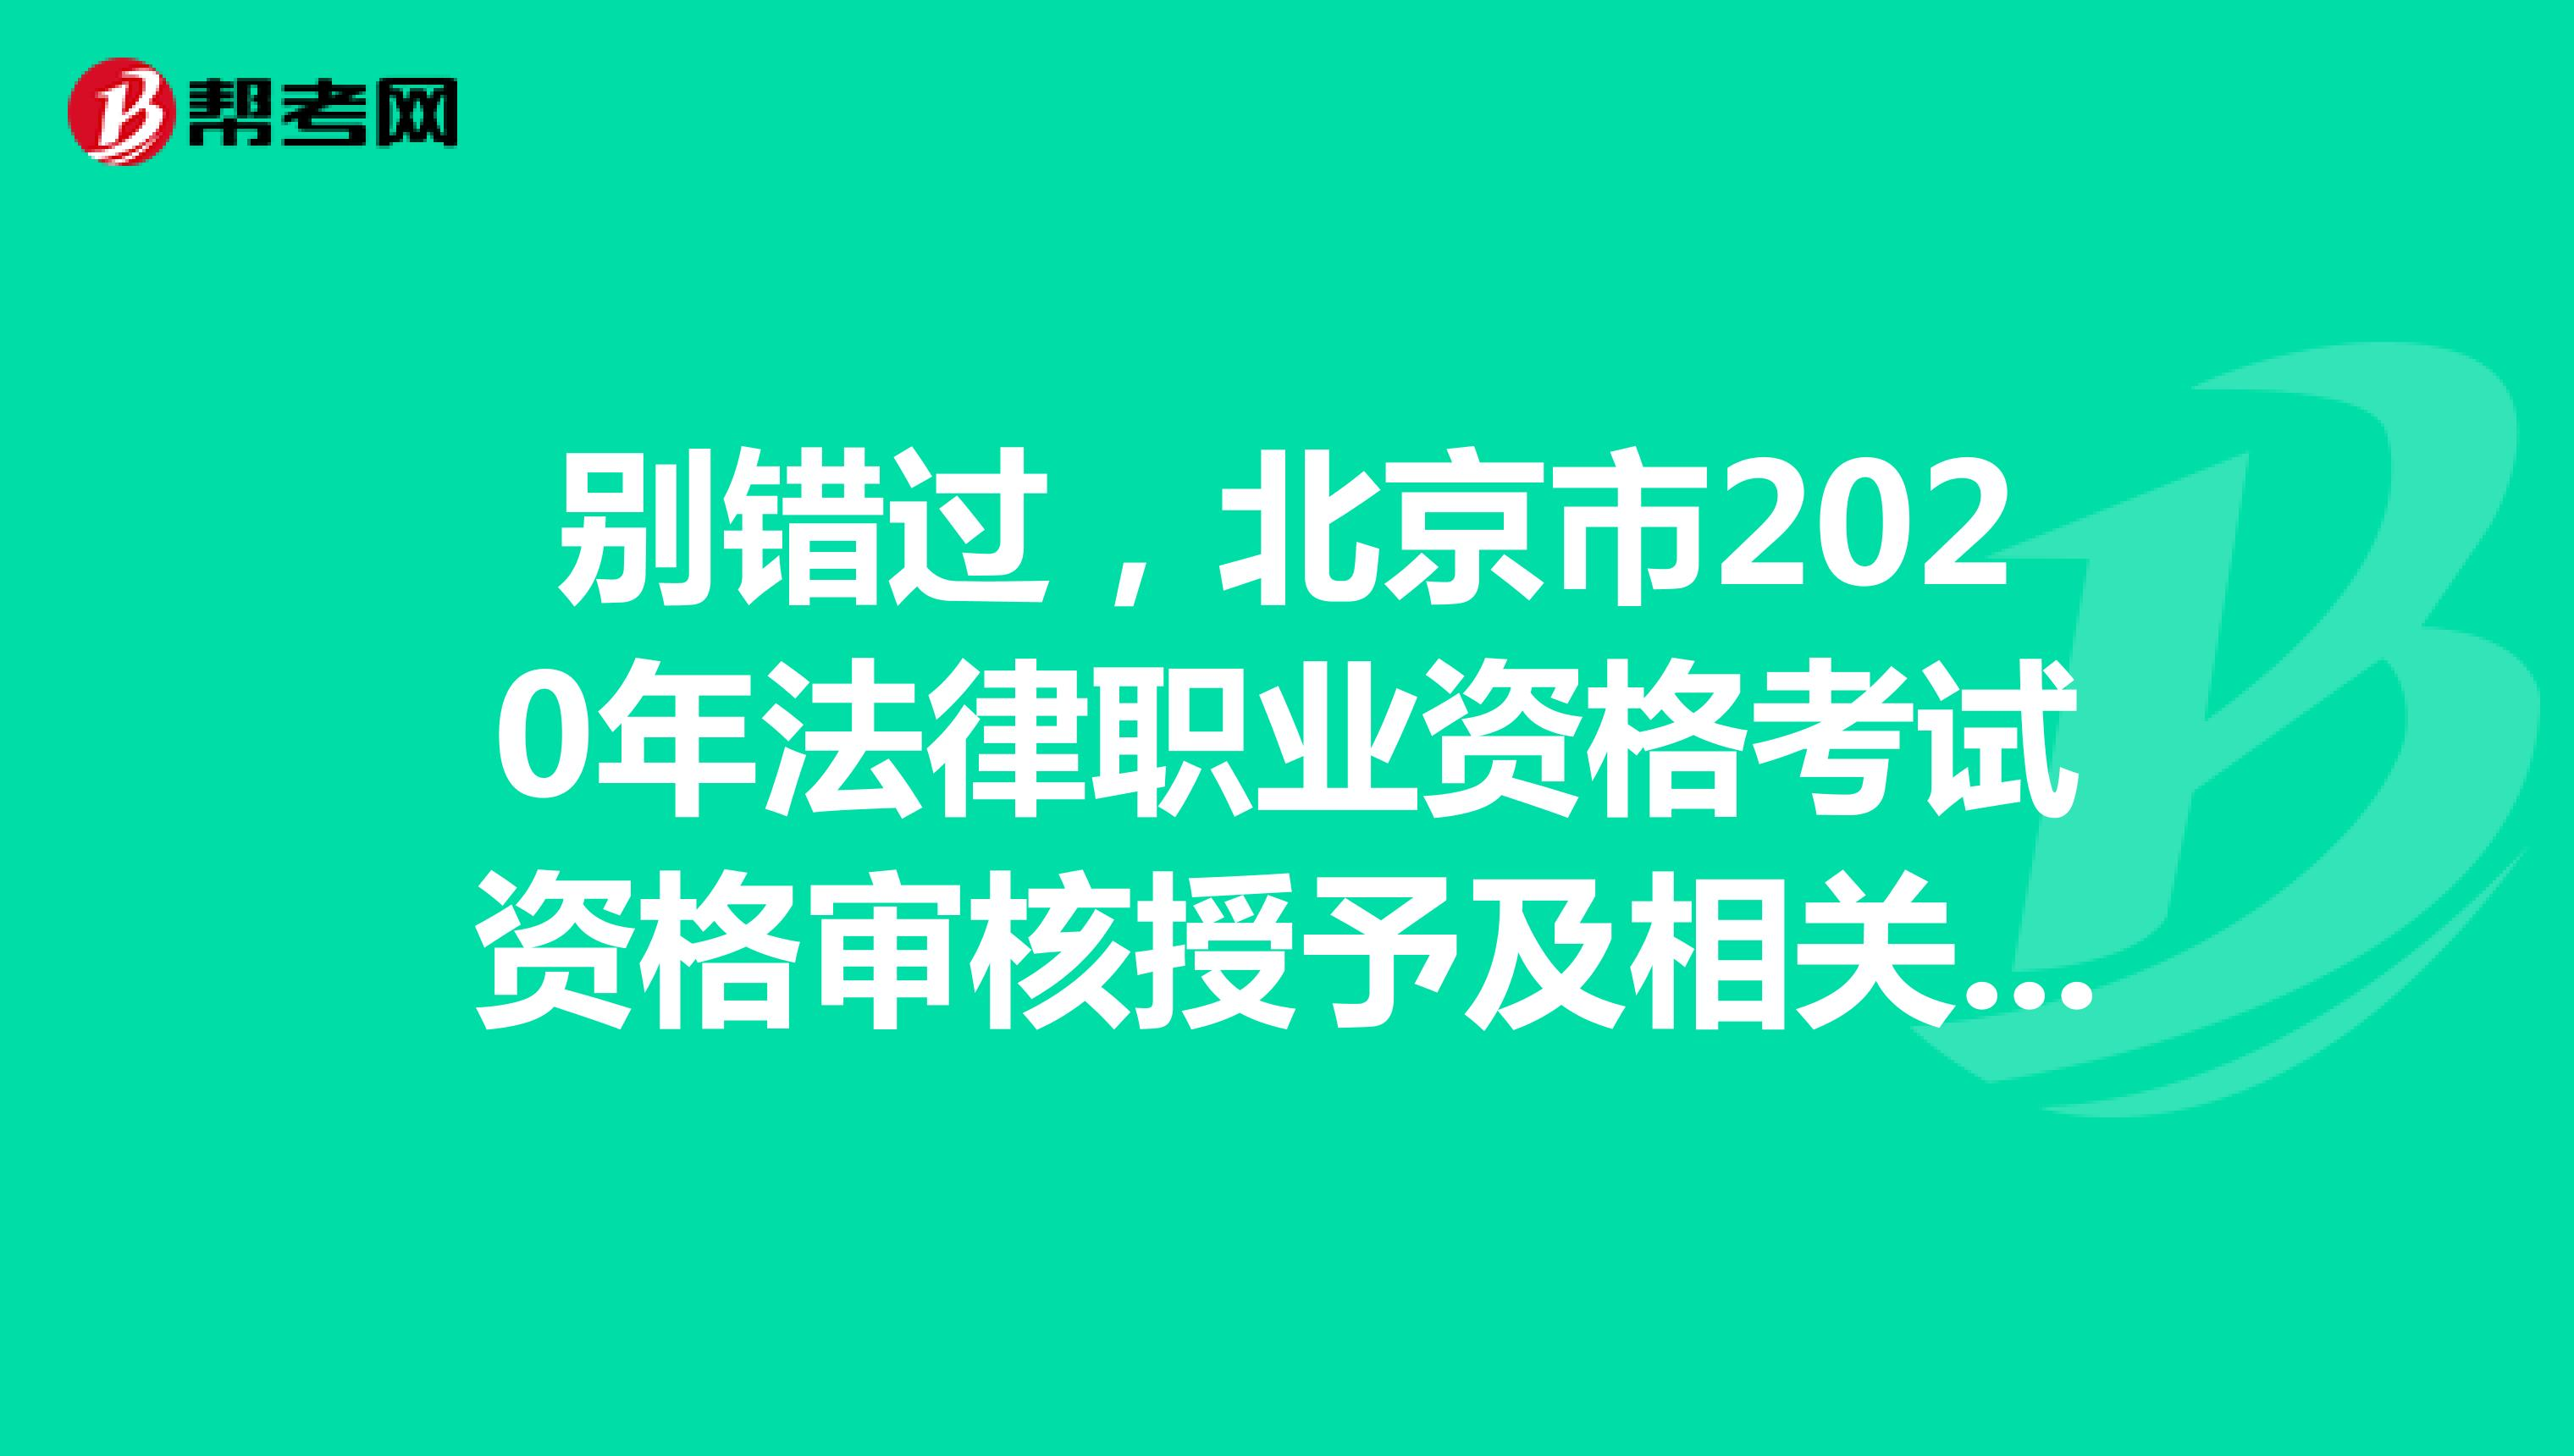 別錯過,北京市2020年法律職業資格考試資格審核授予及相關事宜